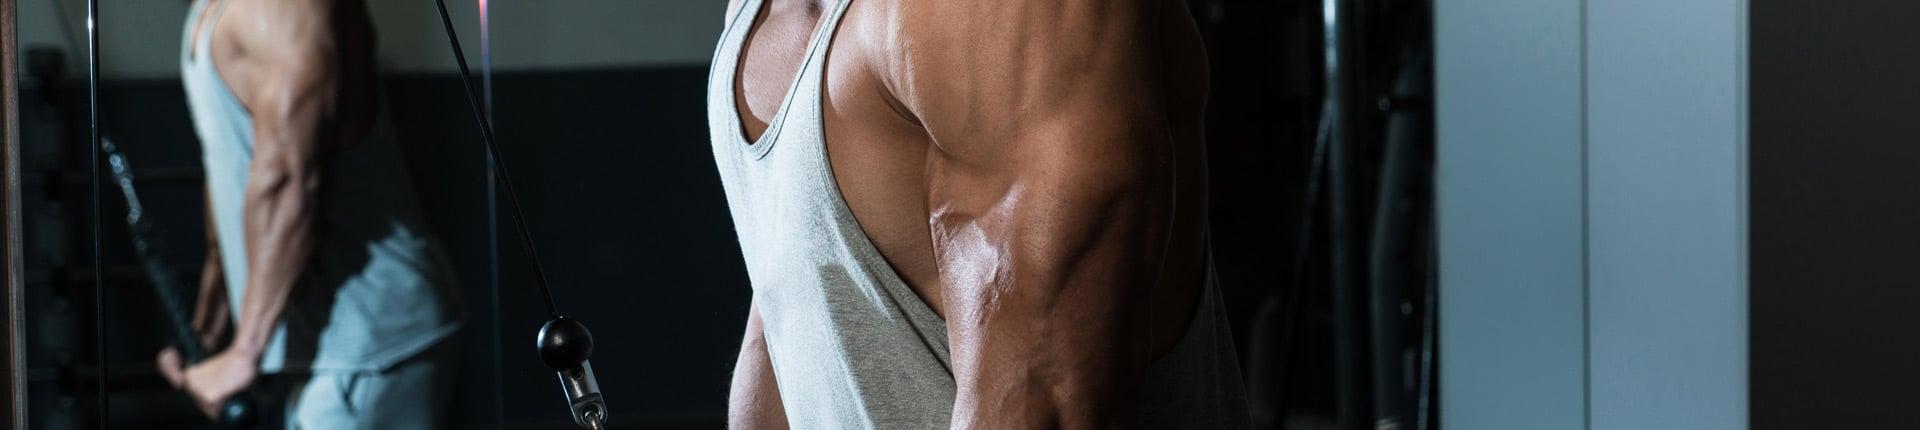 Redukcja masy ciała - jak pozbyć się tłuszczu?